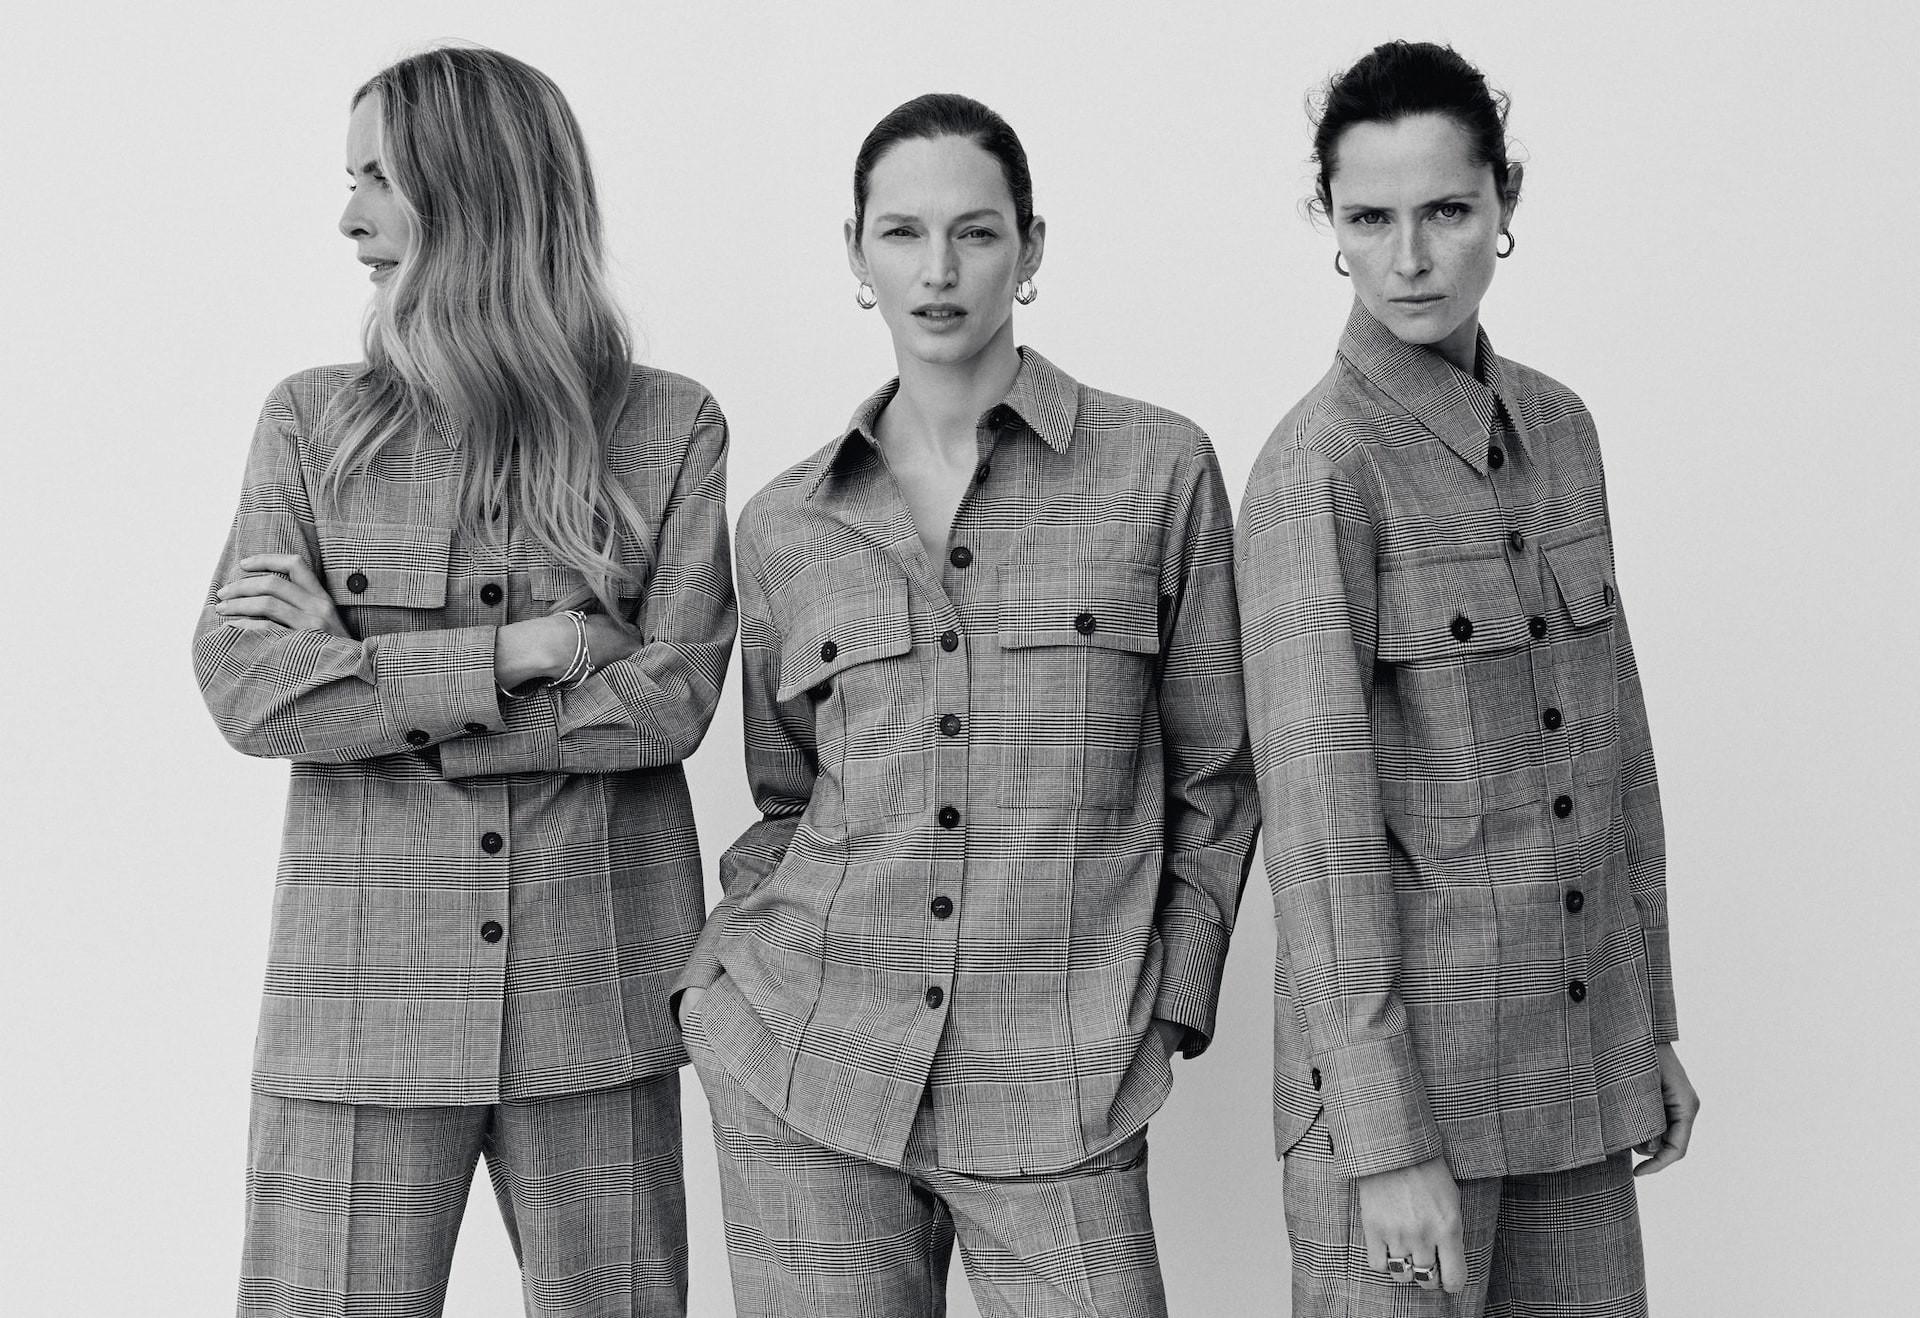 Mujeres de todas las edades protagonizan la nueva colección de Mango para  demostrar que no hay edad límite en términos de moda 548fef036e1